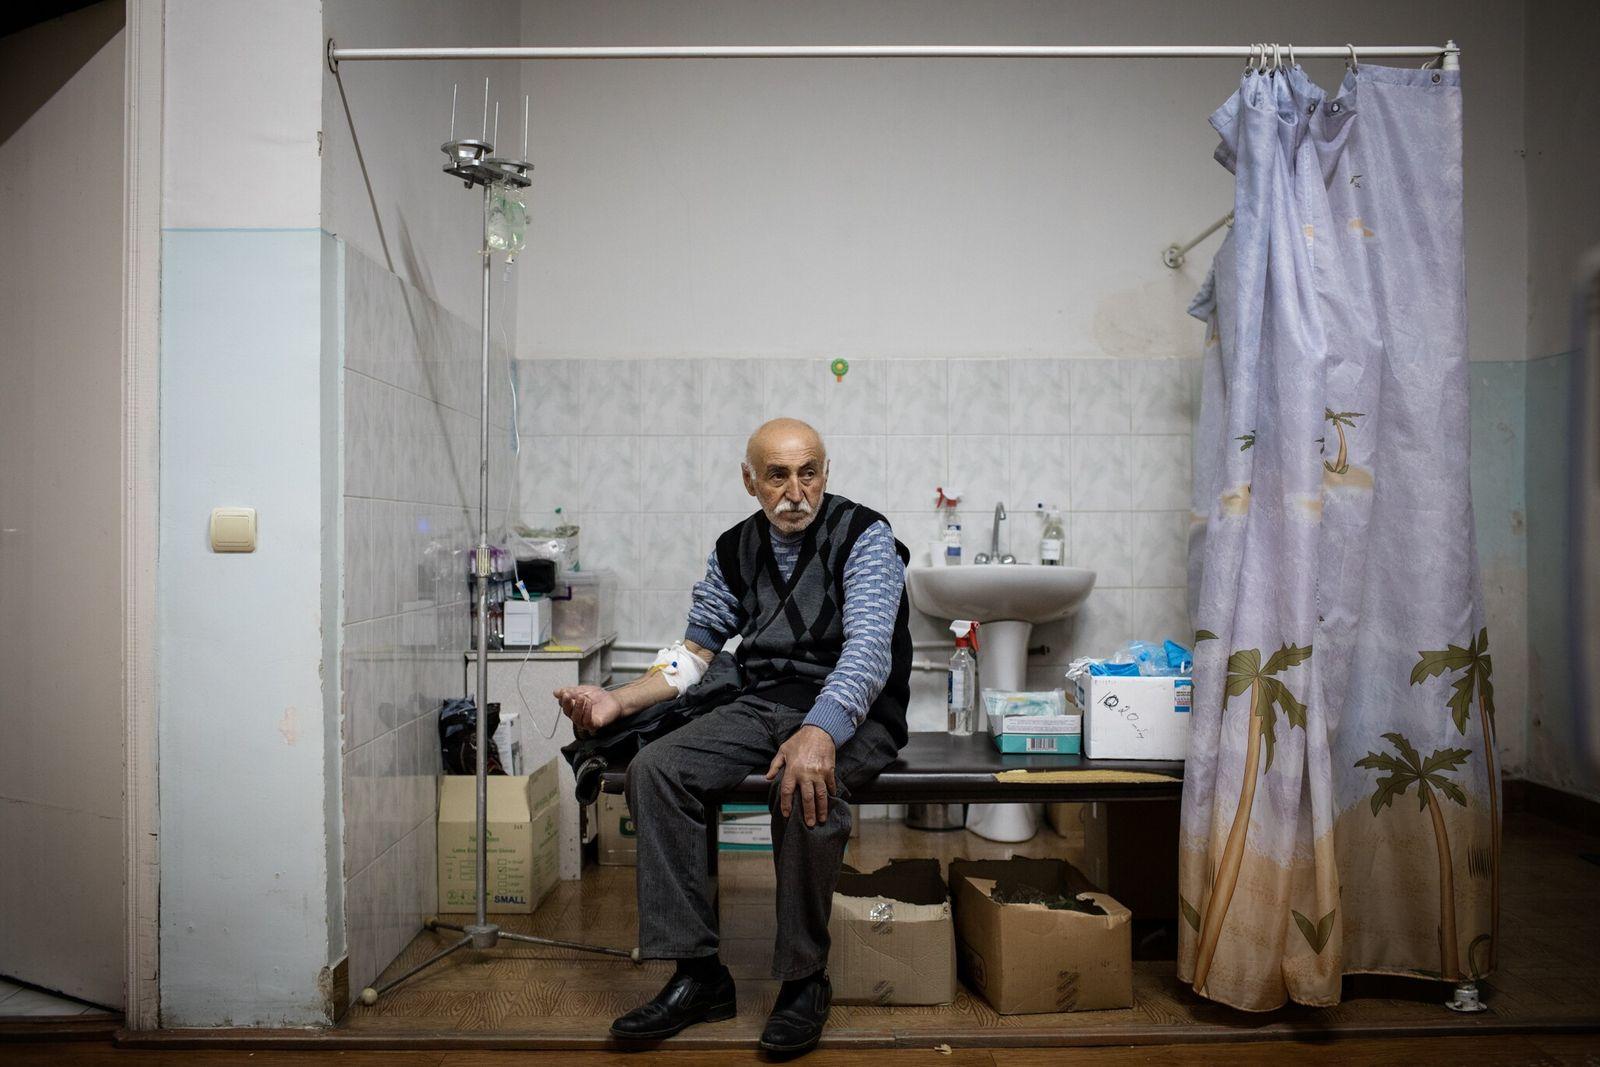 Un hombre con un supuesto caso de COVID-19 en el hospital